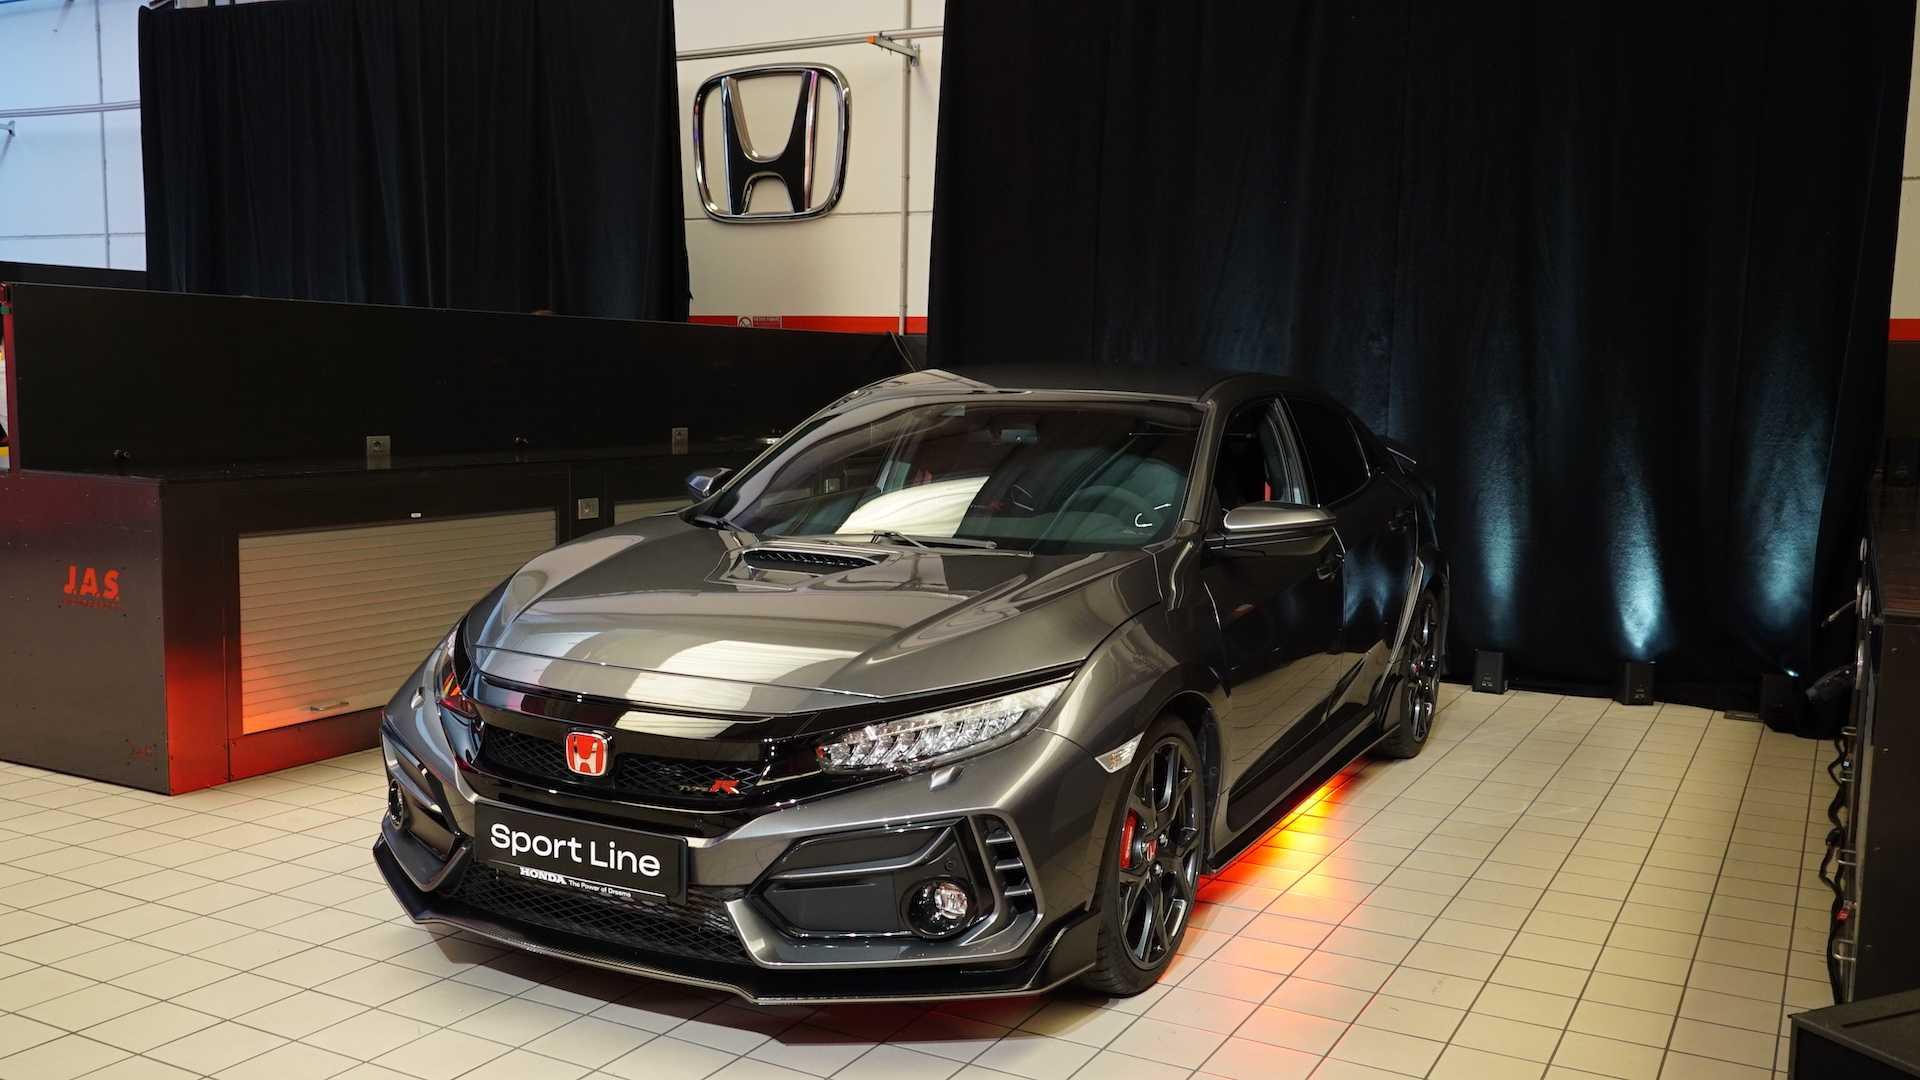 Совсем скоро Civic Type R Sport Line от Honda будет доступен на европейском рынке. Посмотрим, чем он похвастает?